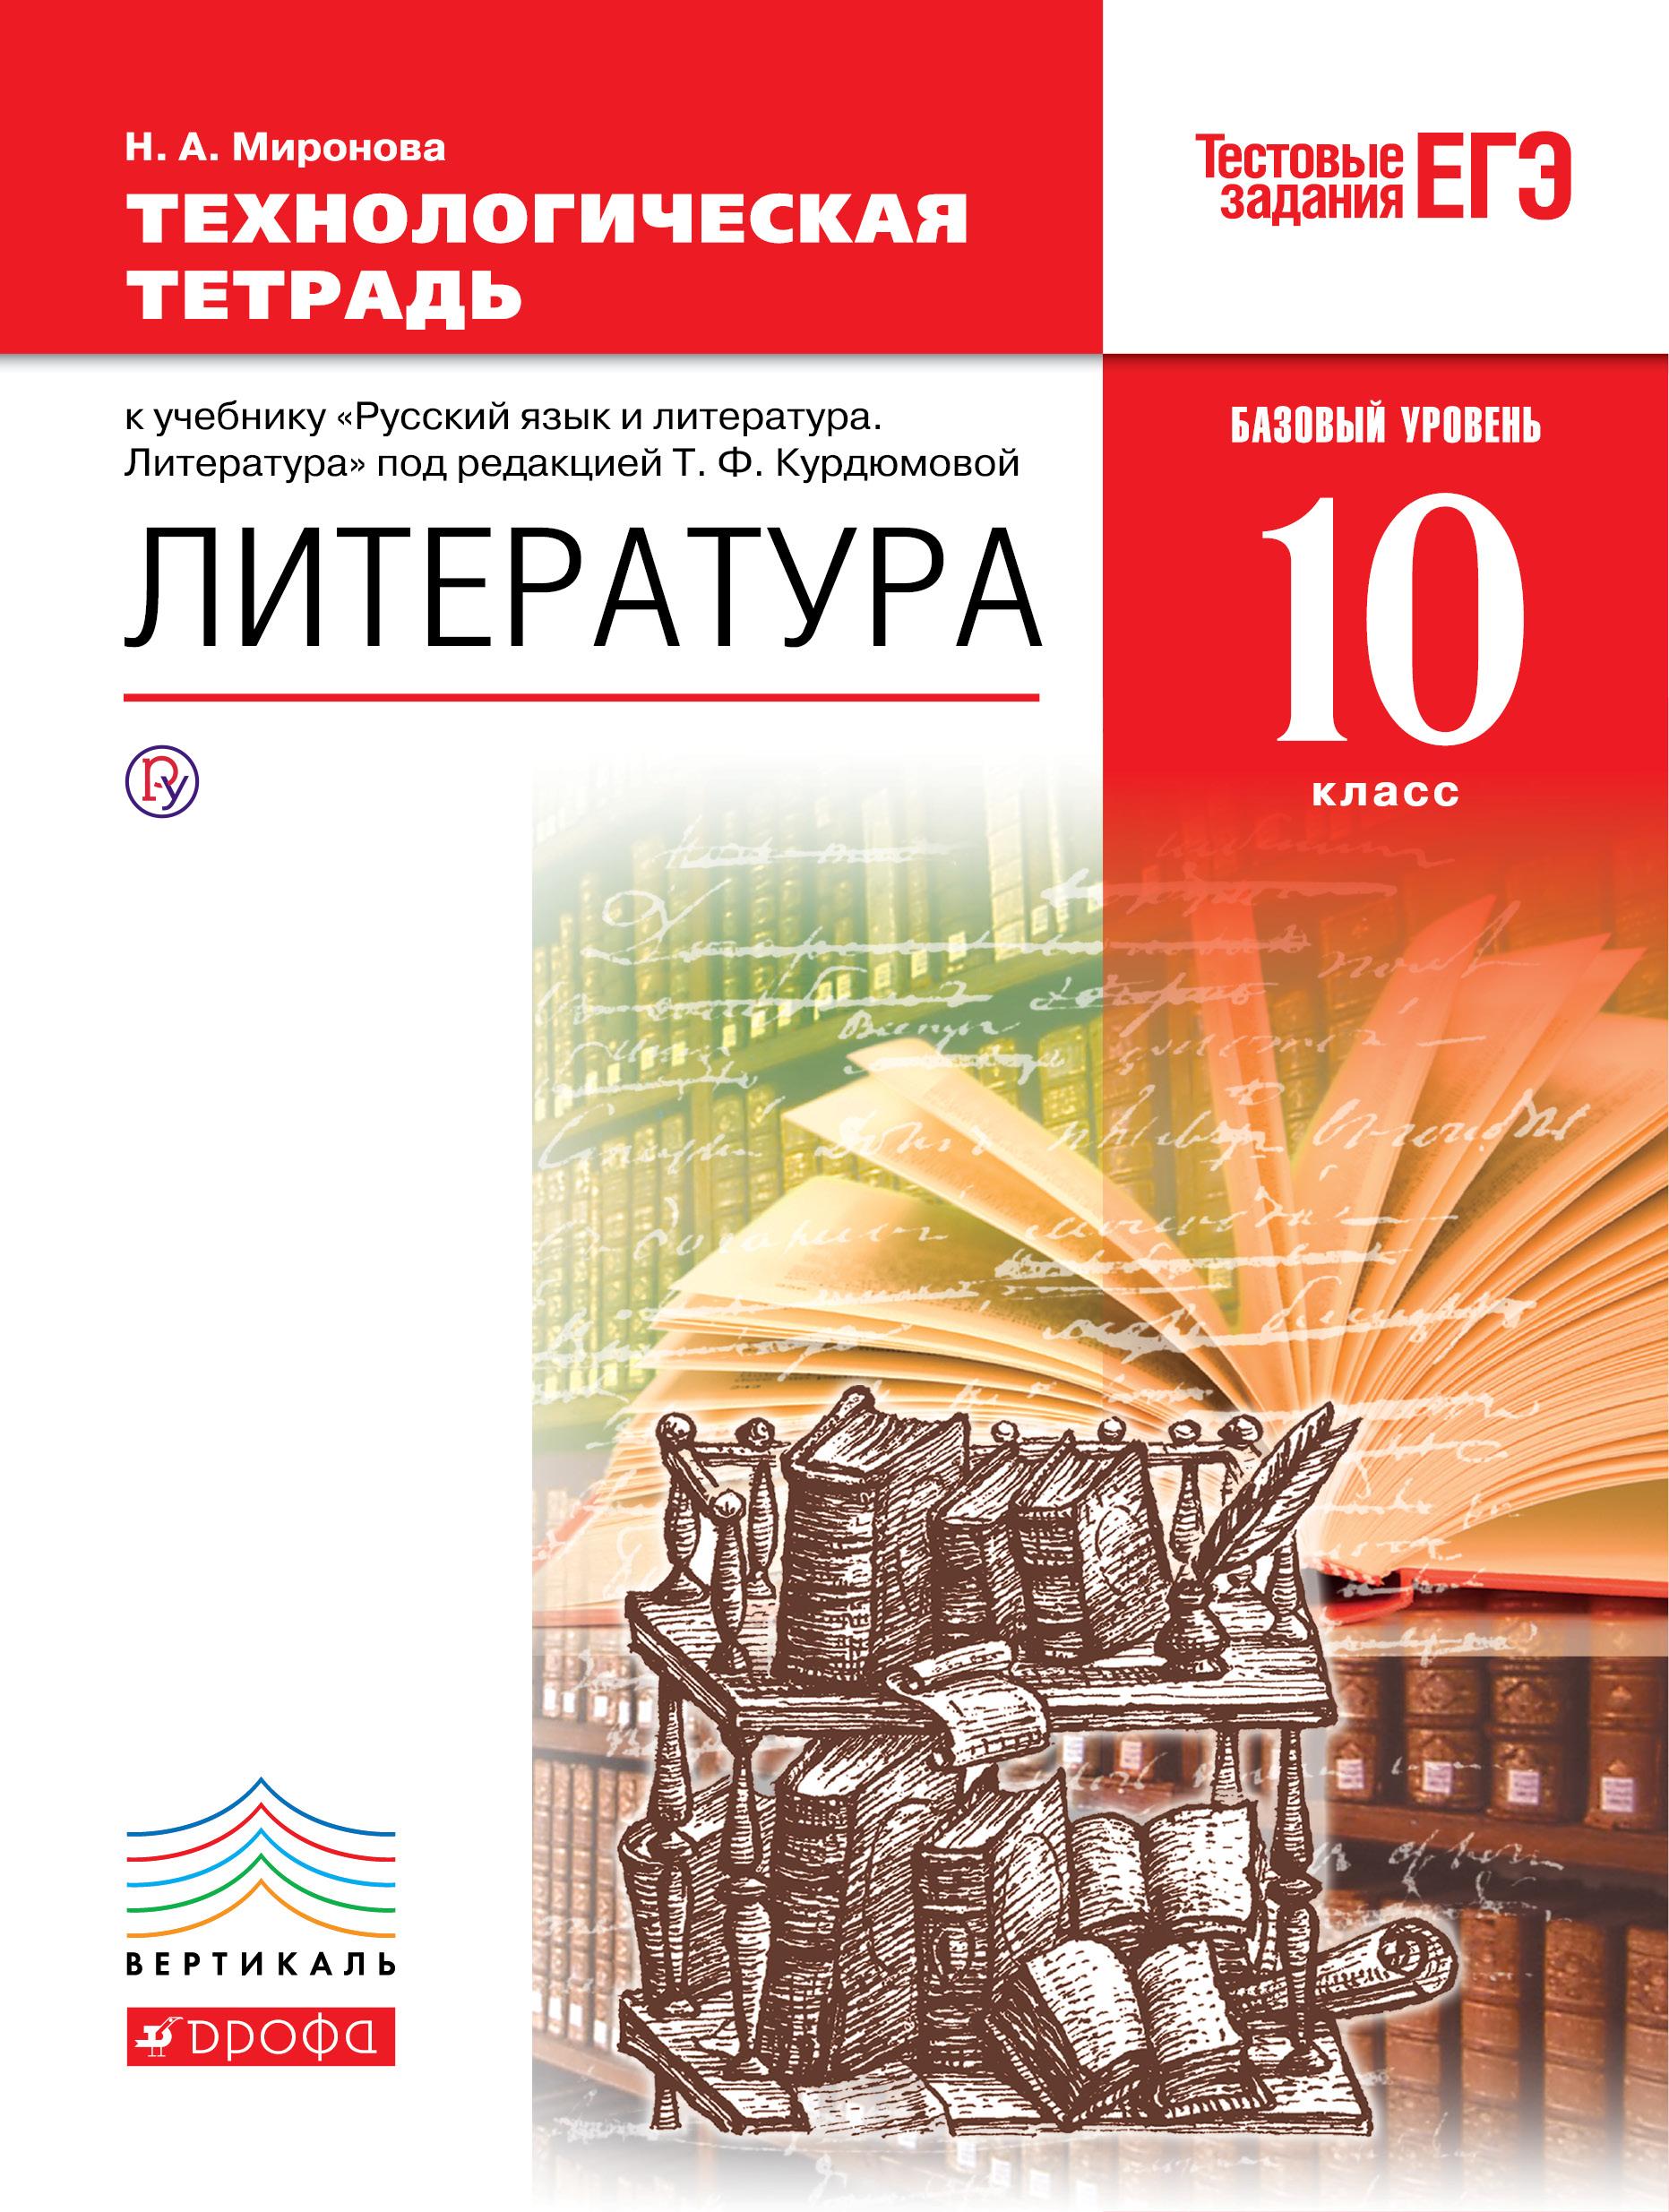 Русский язык и литература. Литература. Базовый уровень. 10 класс. Технологическая тетрадь ( Миронова Н.А.  )